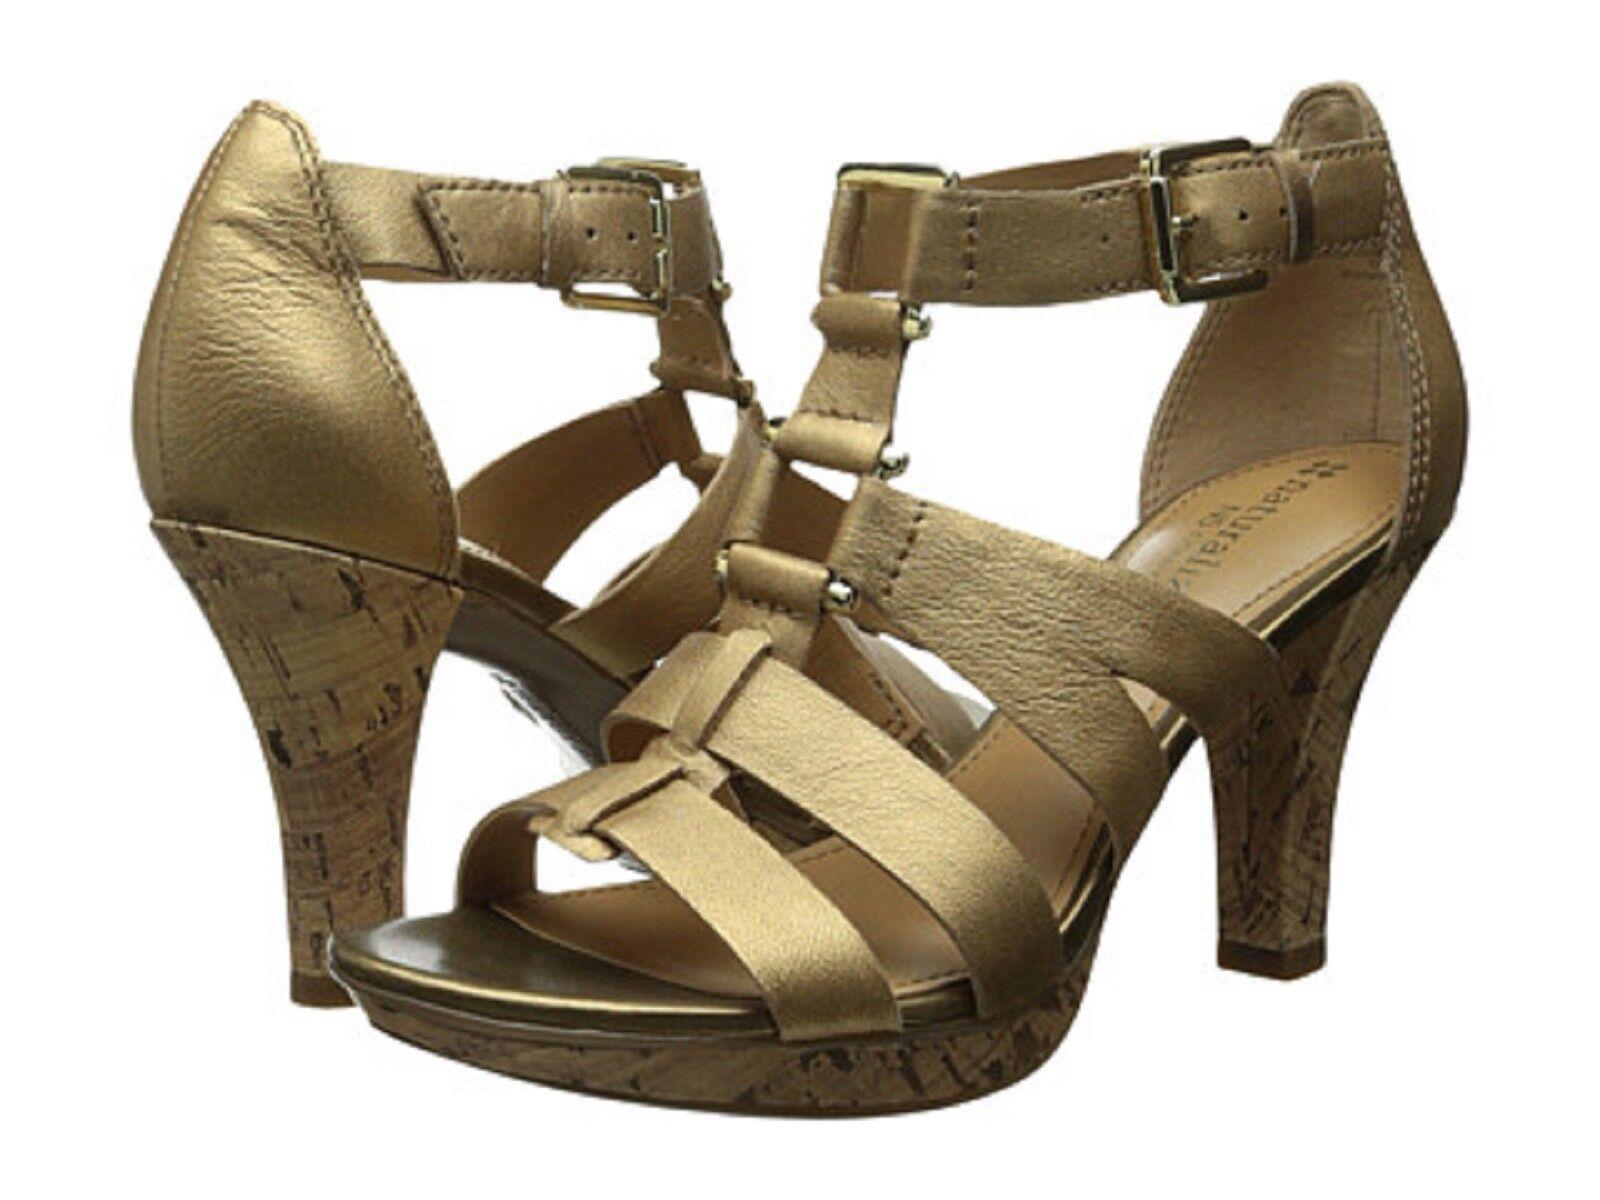 Naturalizer Dafny Tacón Alto Sandalias de cuero cuero cuero señoras de oro especiadas Talla 9.5 M Nuevo en Caja  promociones